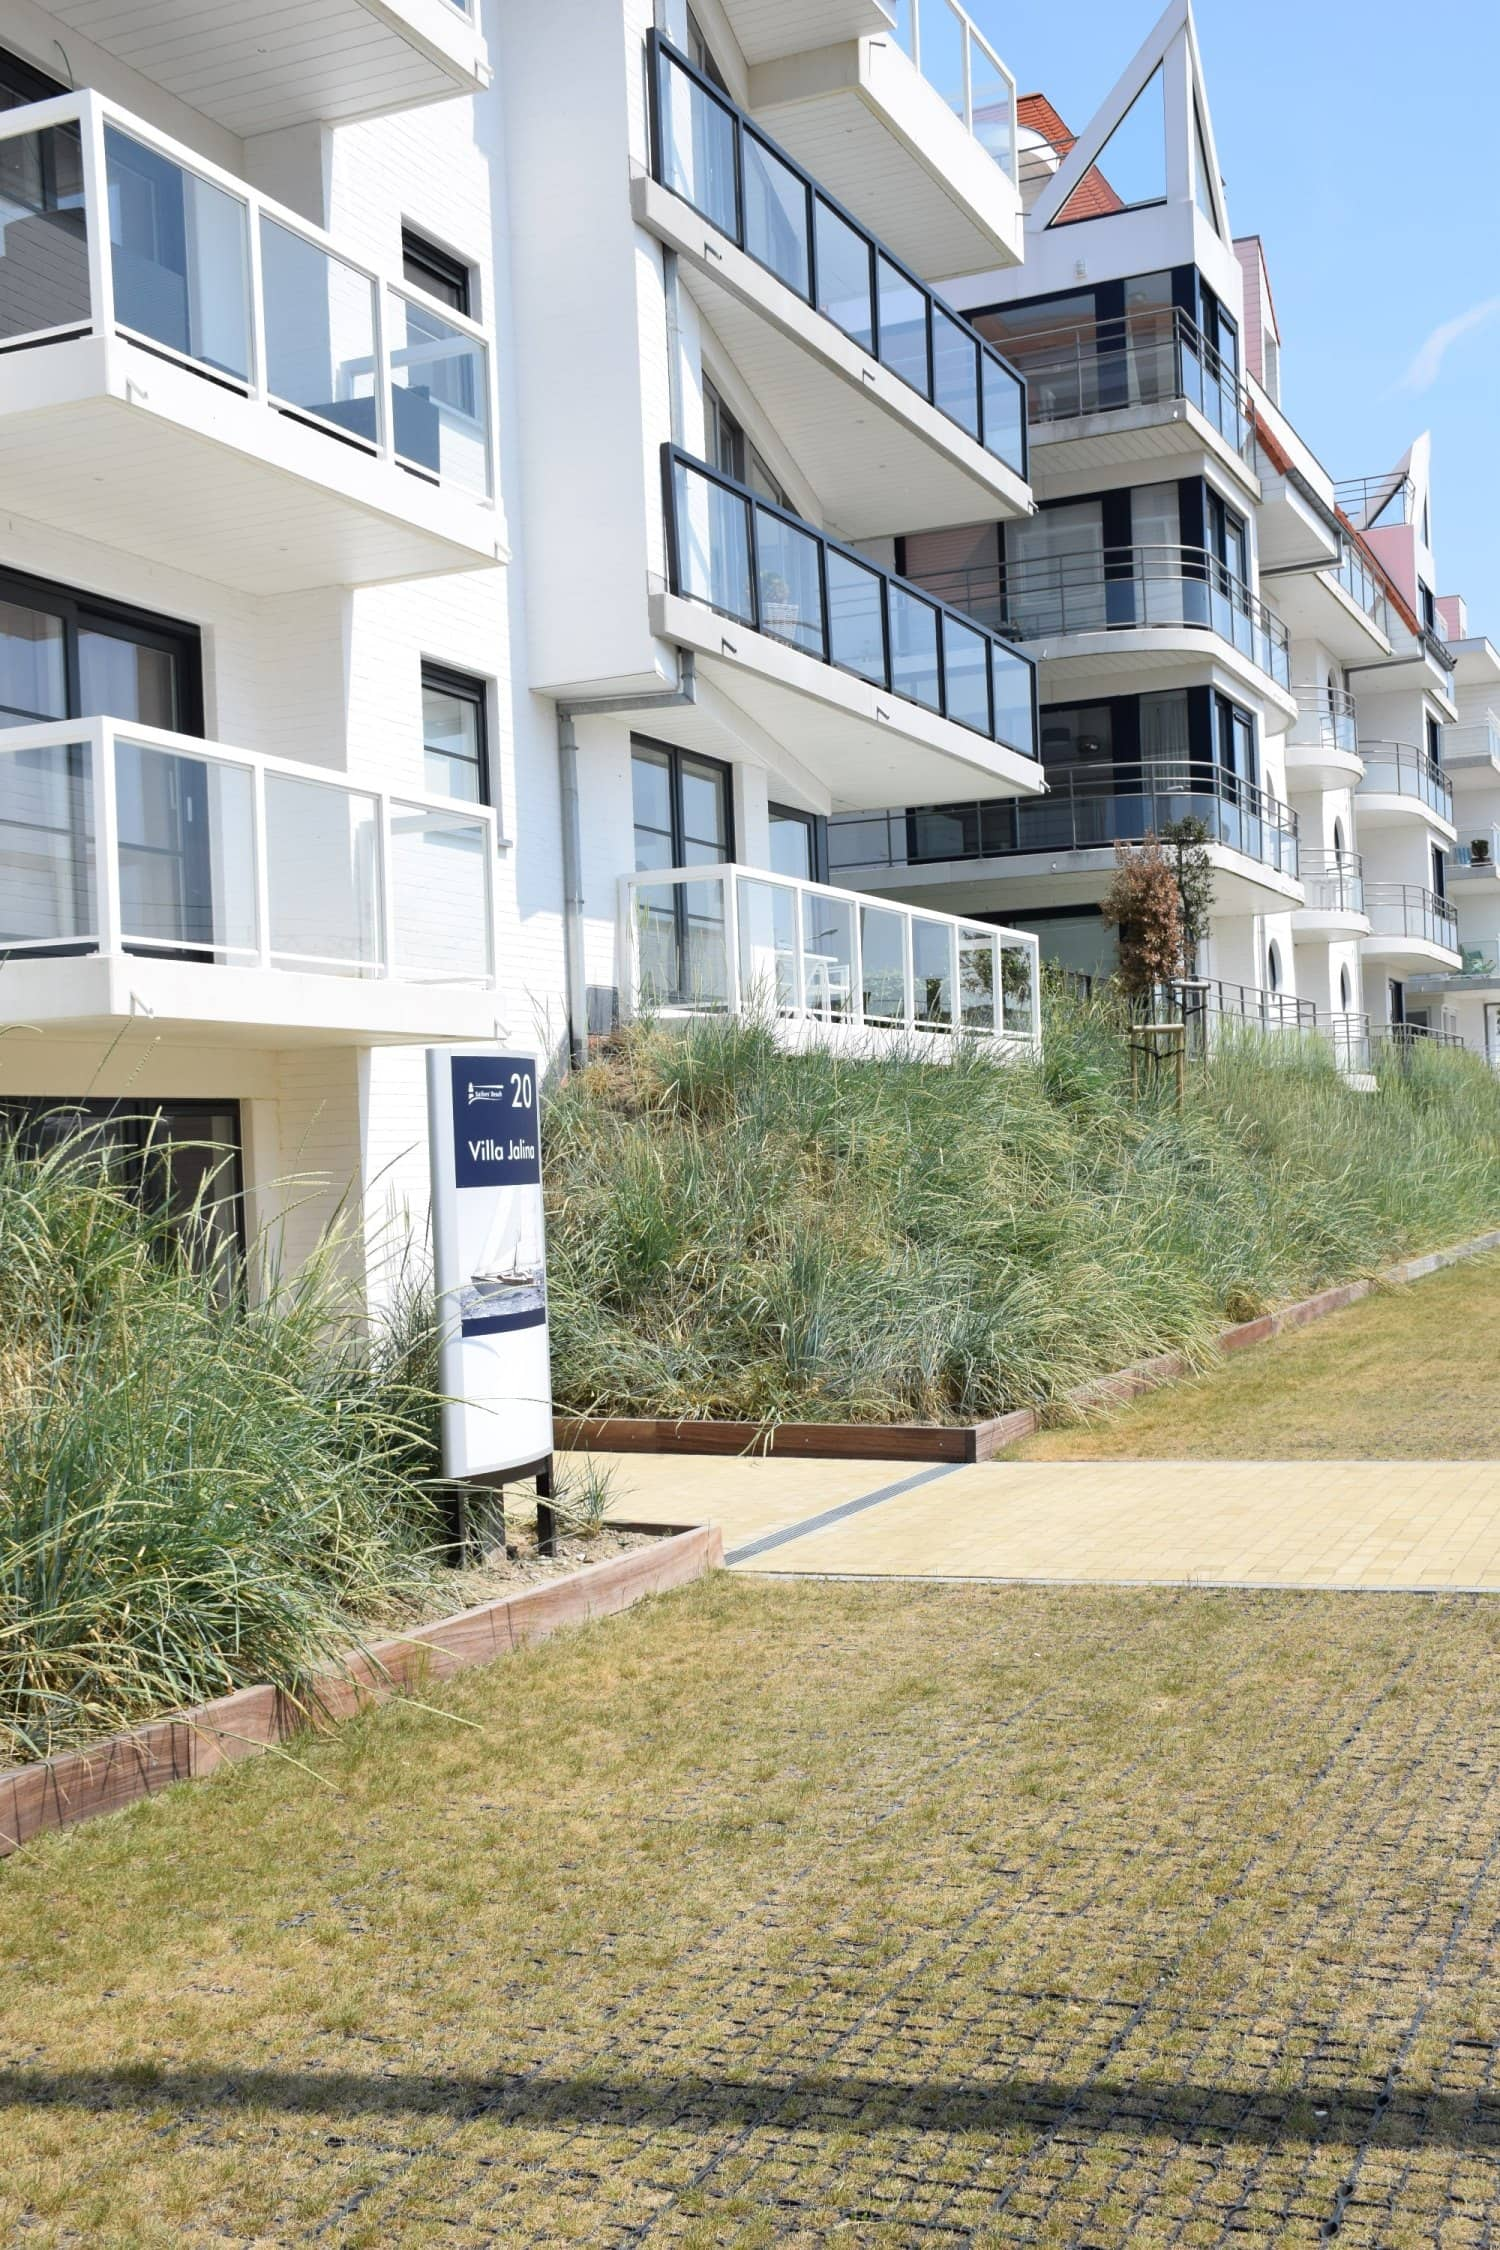 Sailors Beacht appartement te koop Nieuwpoort